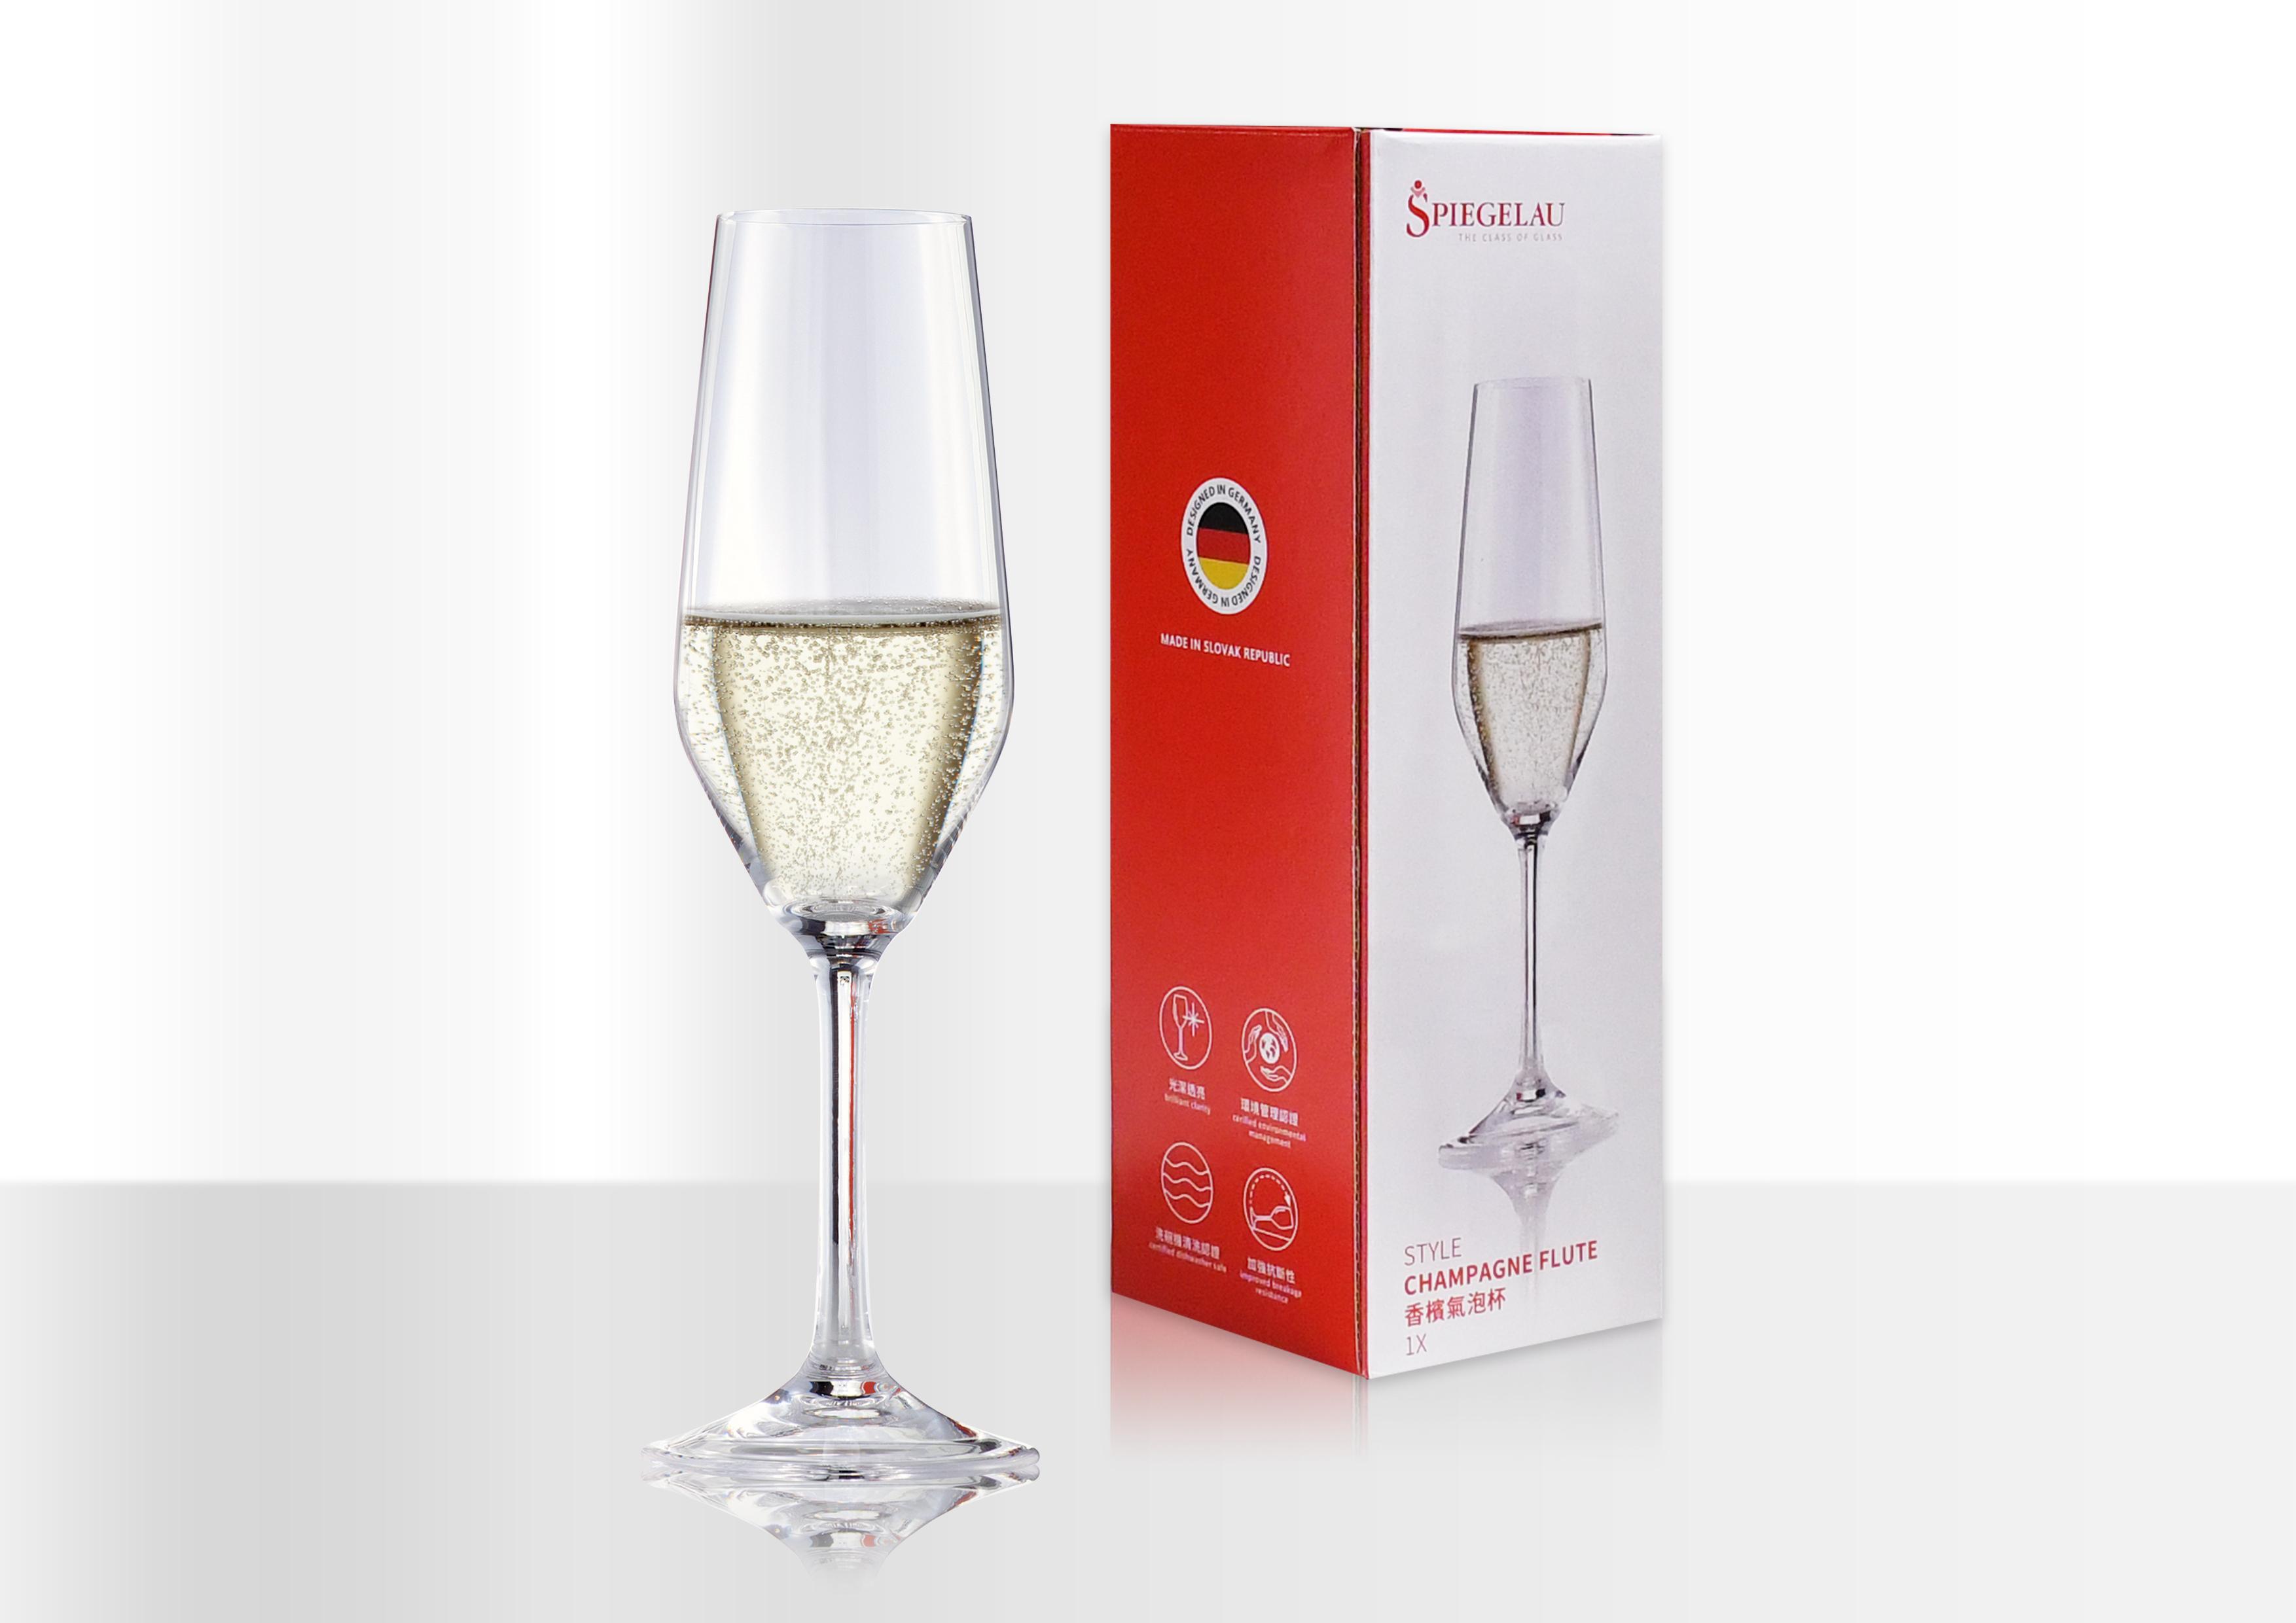 Ariel Wish德國進口500年貴族奢華無鉛水晶玻璃杯Spiegelau香檳氣泡酒杯四入組-團購優惠至6/18截止